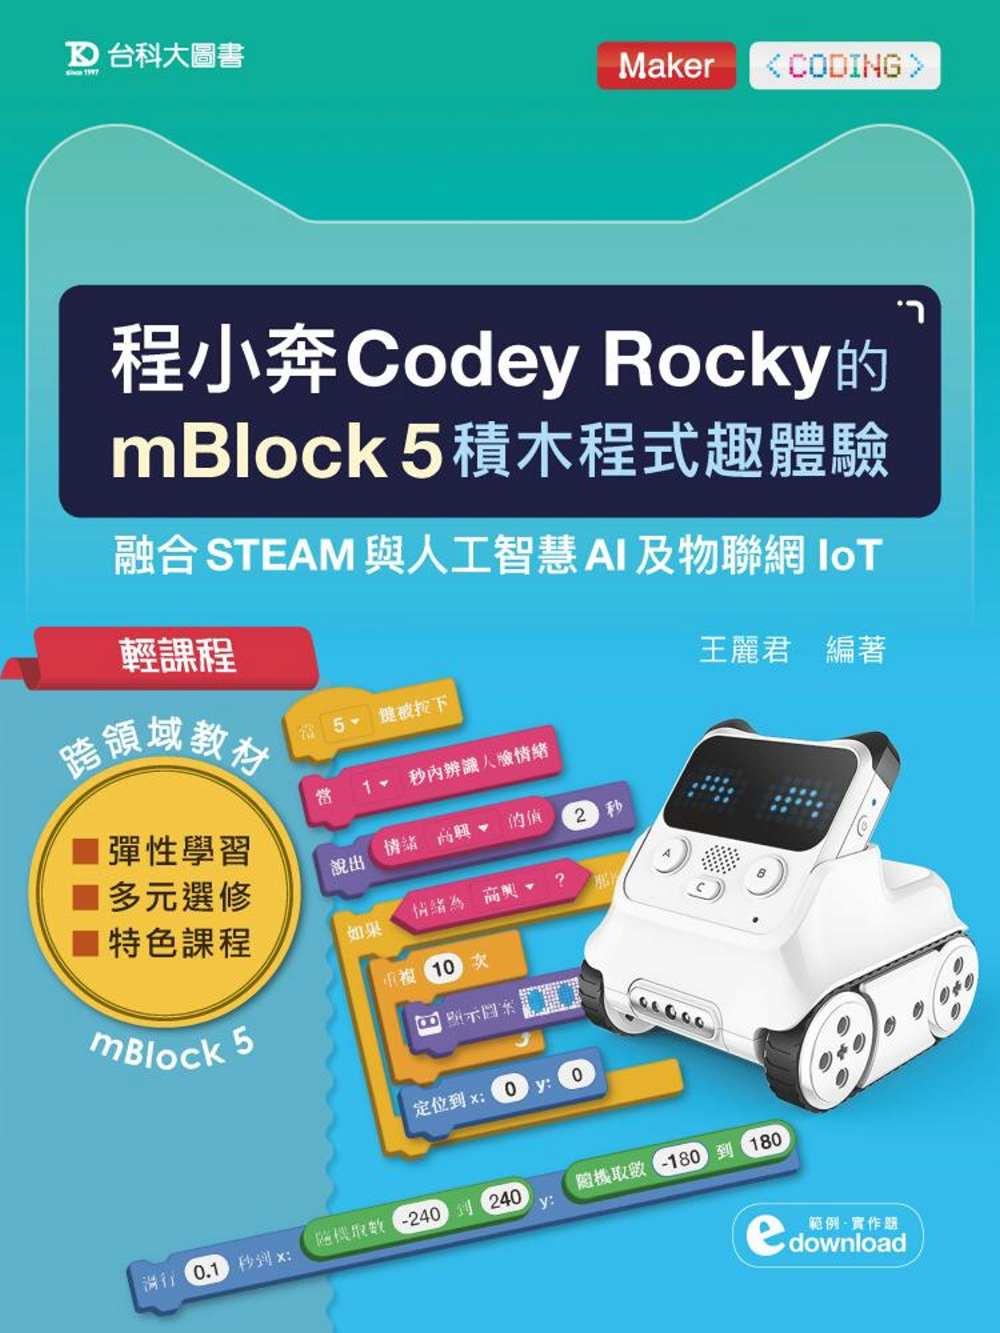 輕課程 程小奔Codey Rocky的mBlock 5積木程式趣體驗:融合STEAM與人工智慧AI及物聯網IoT